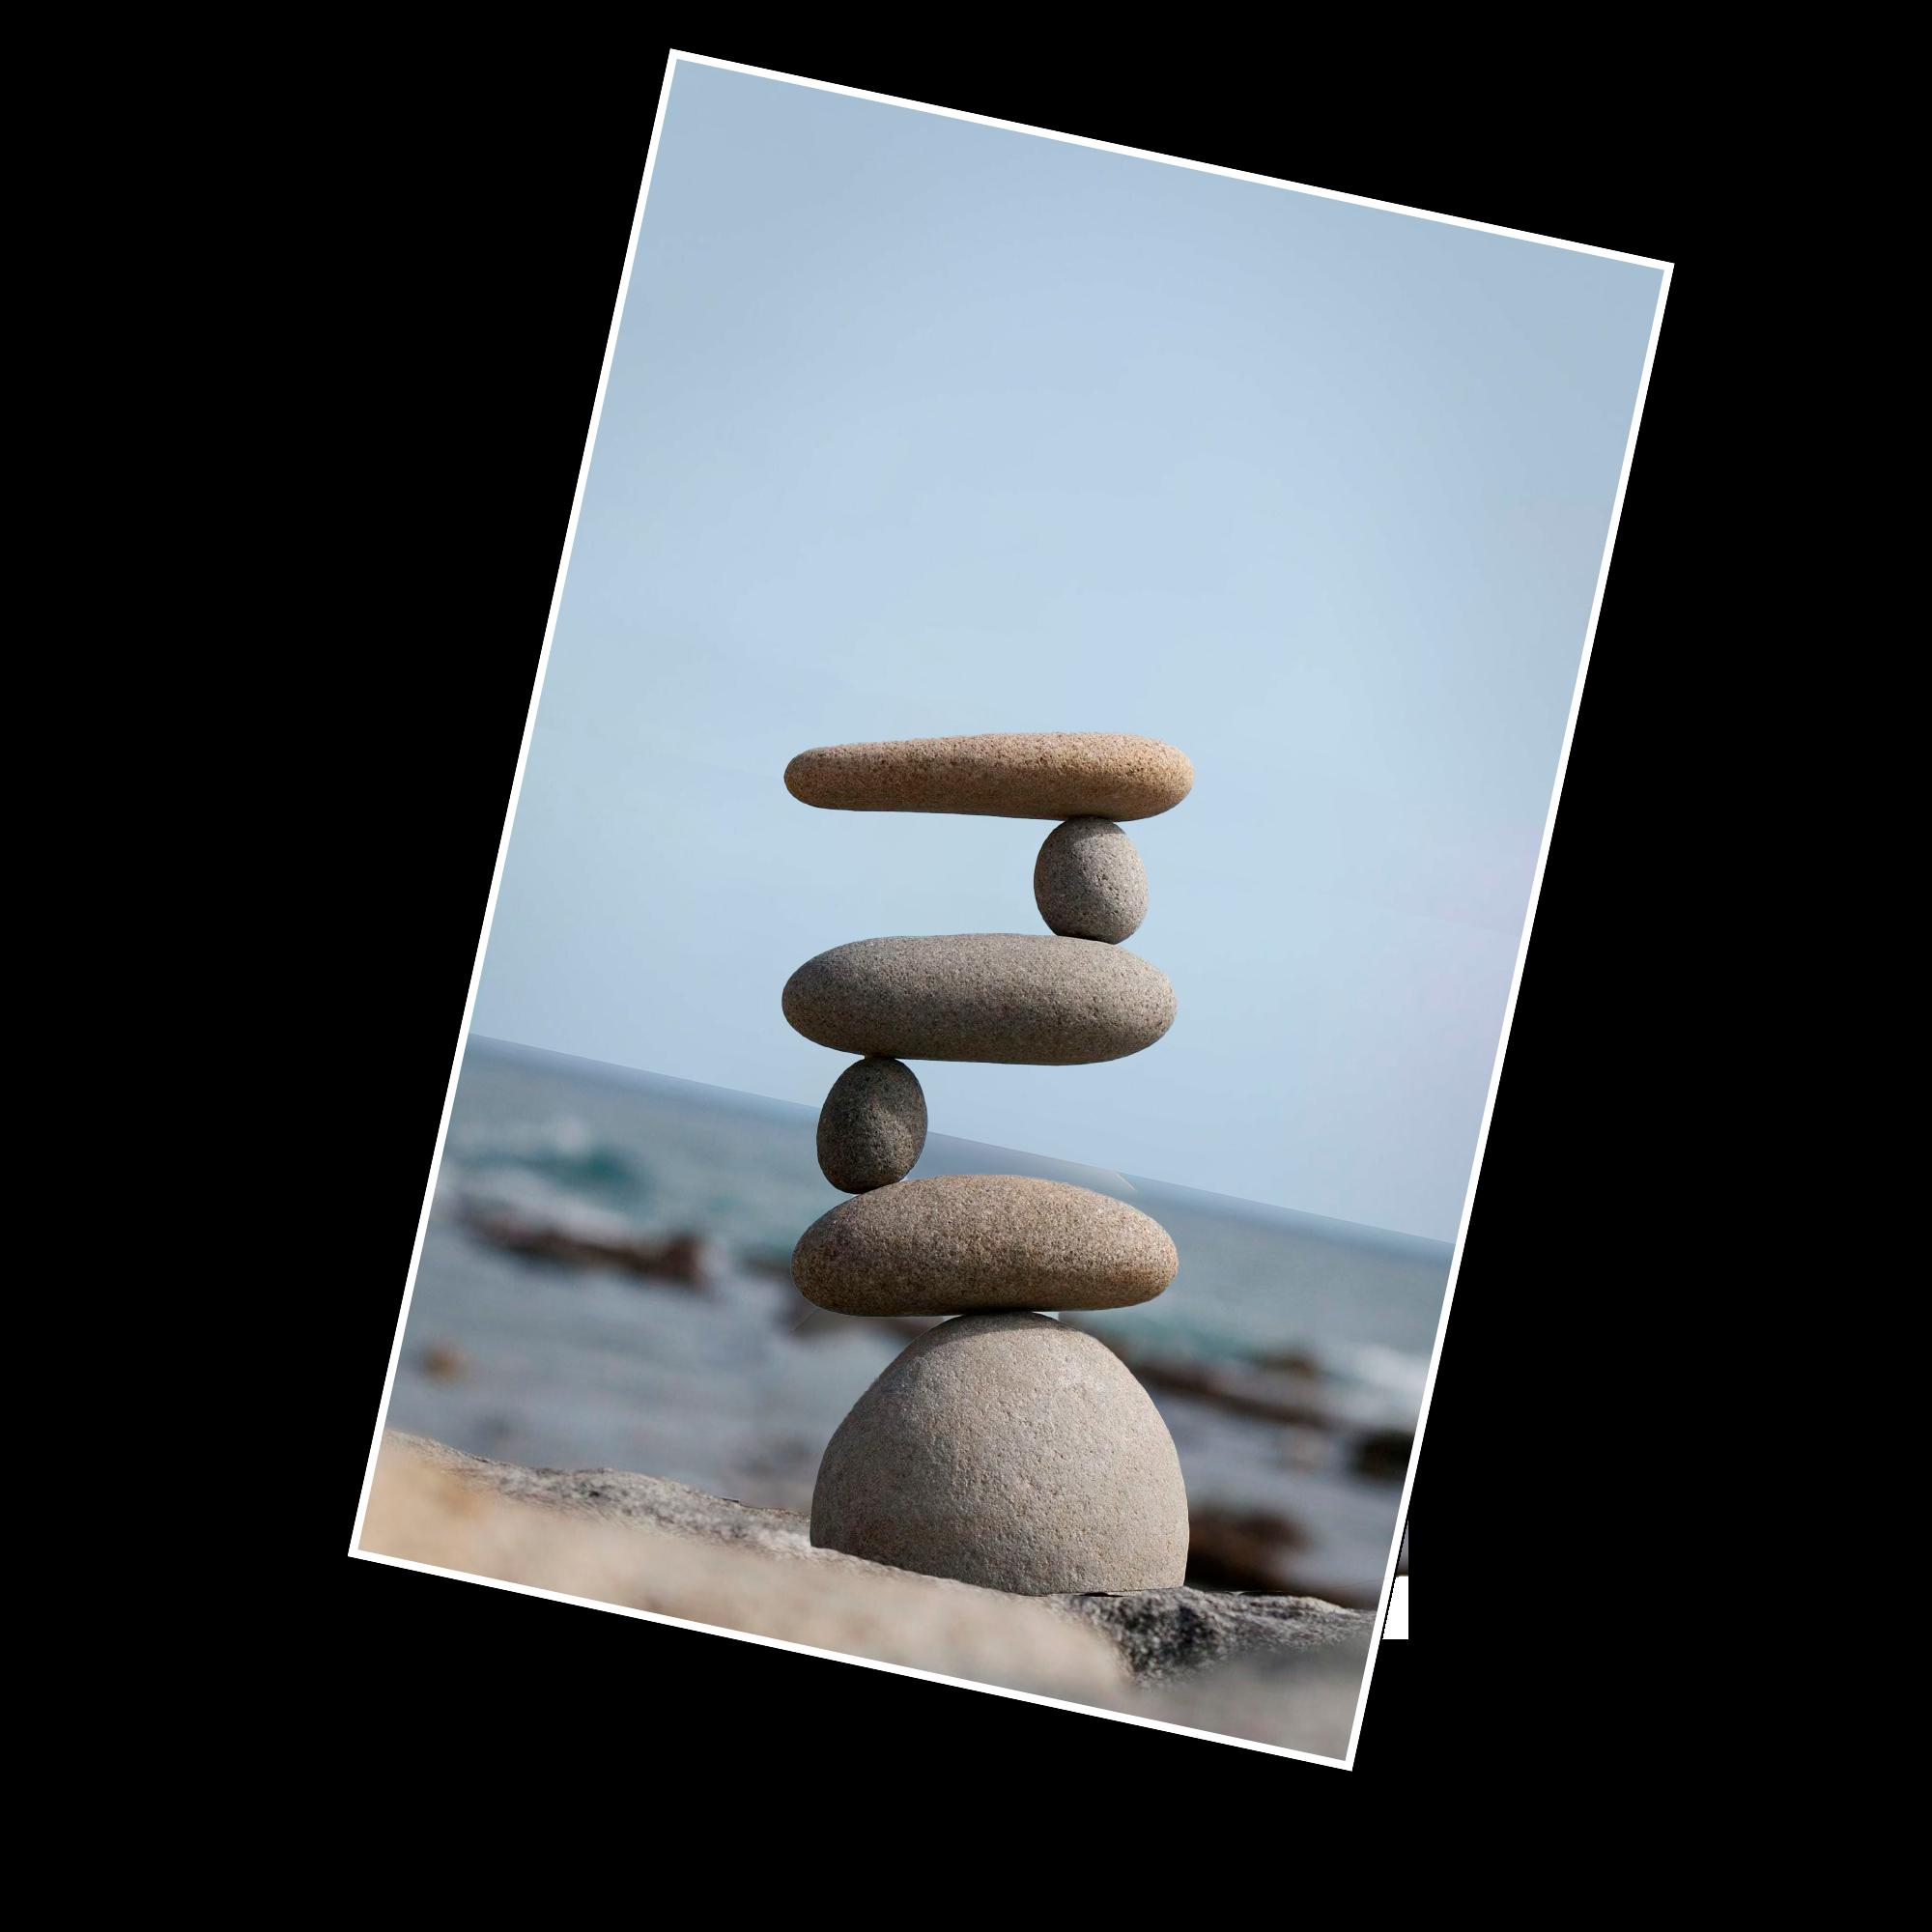 Piedras en equilibrio con la playa de fondo.